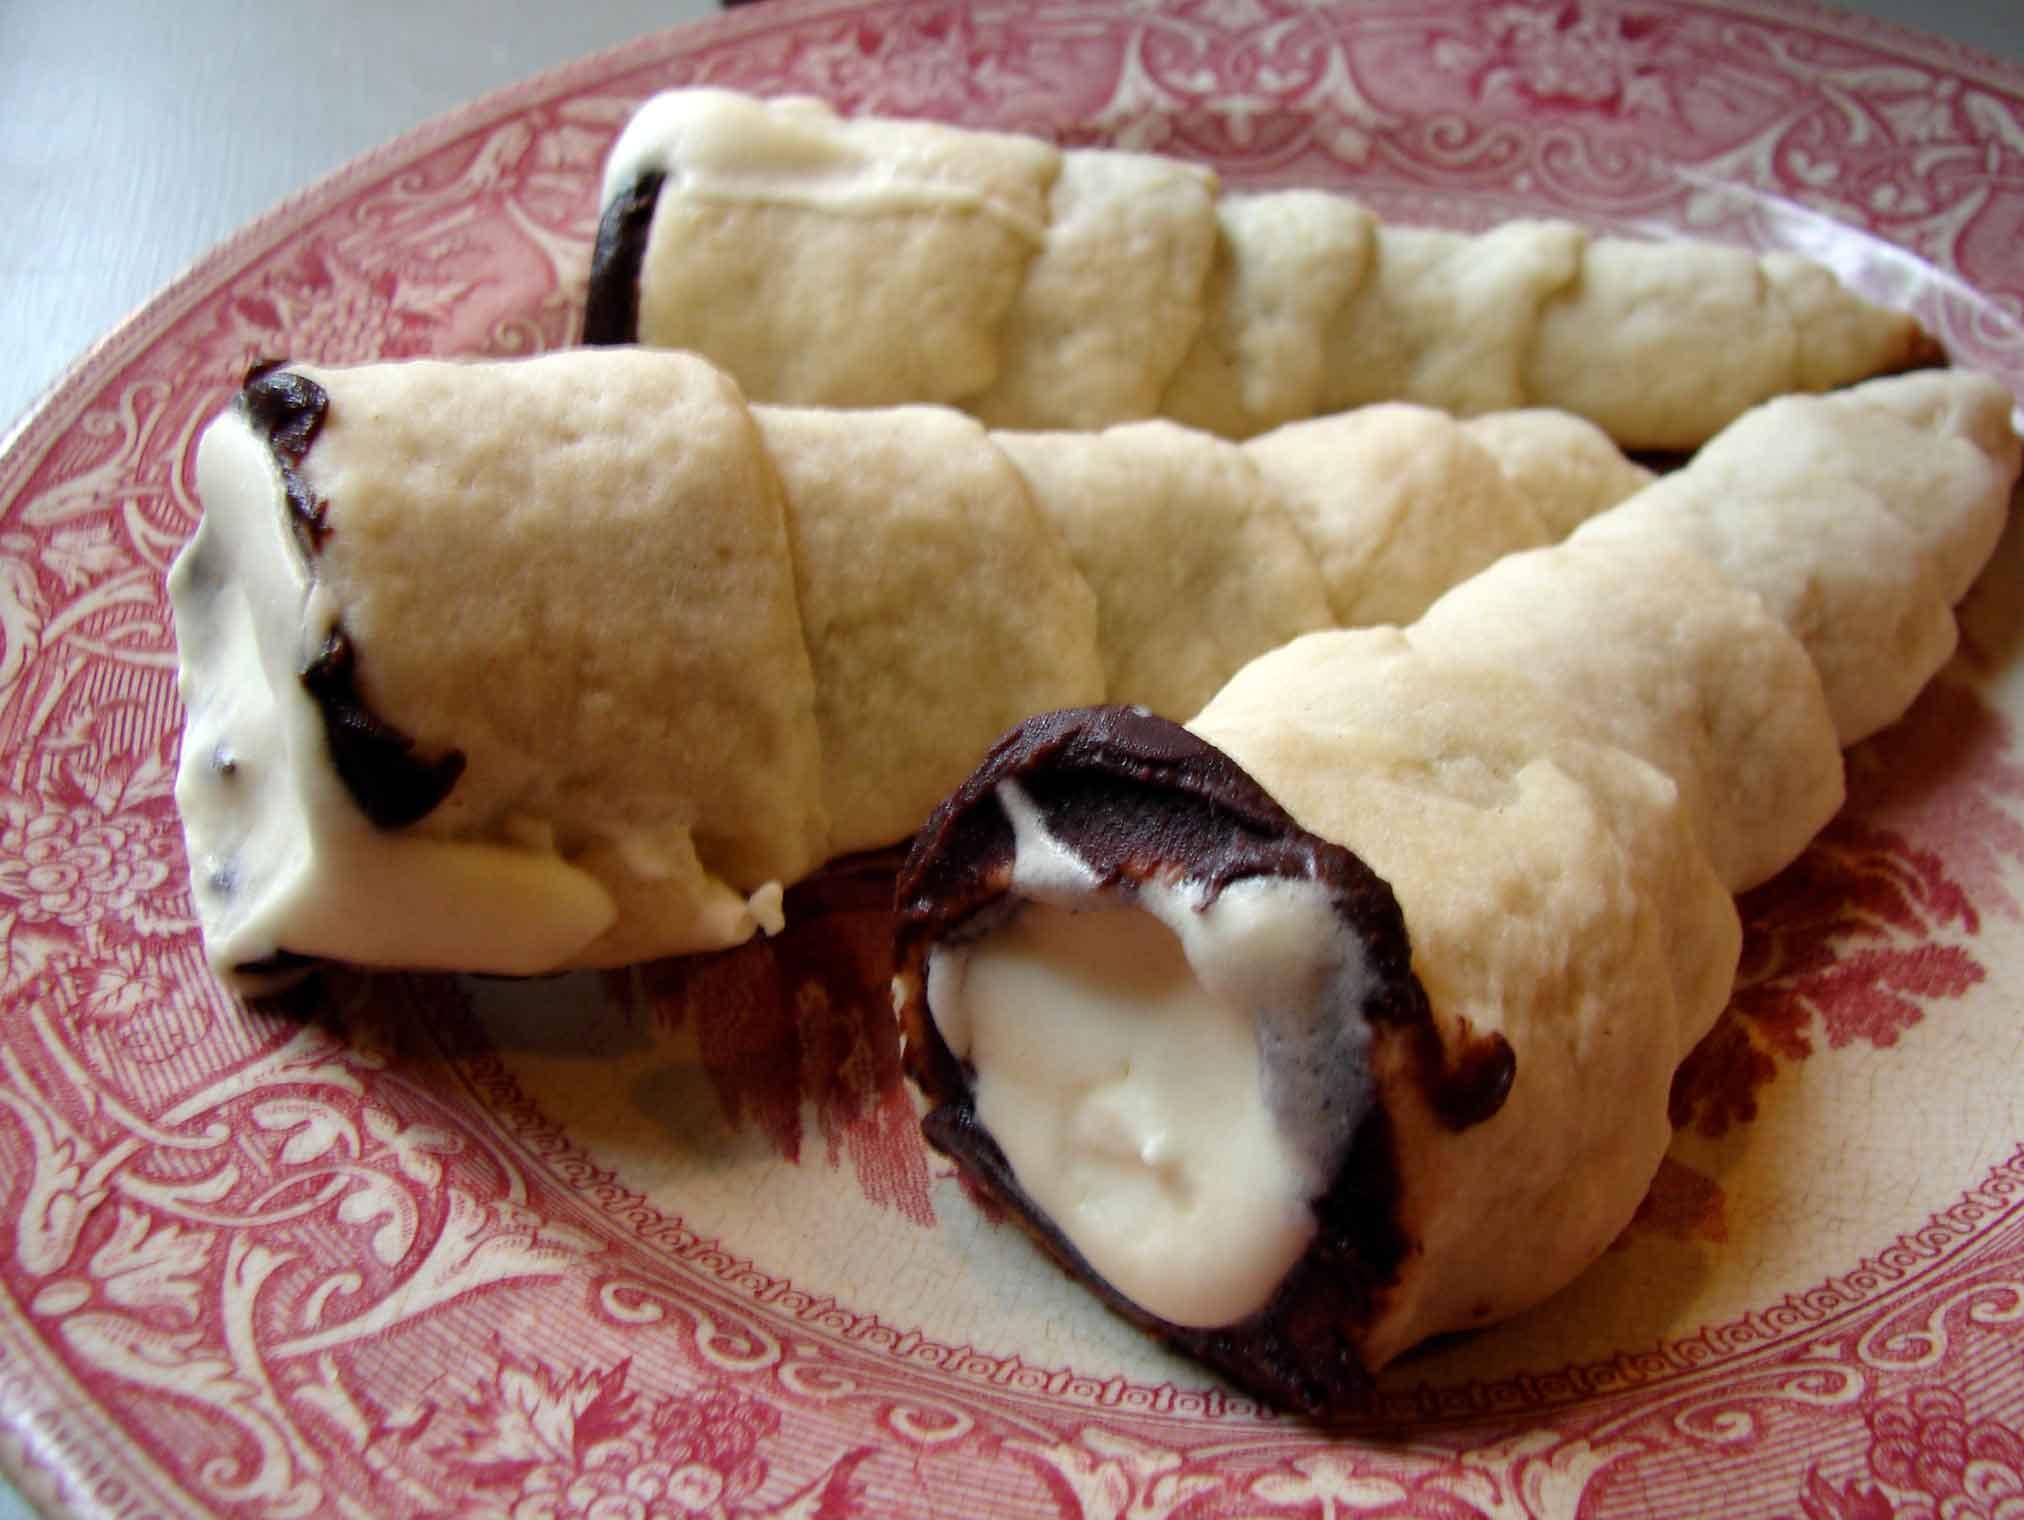 ... pastries chocolate almond pastry joy cupcakes almond pastries